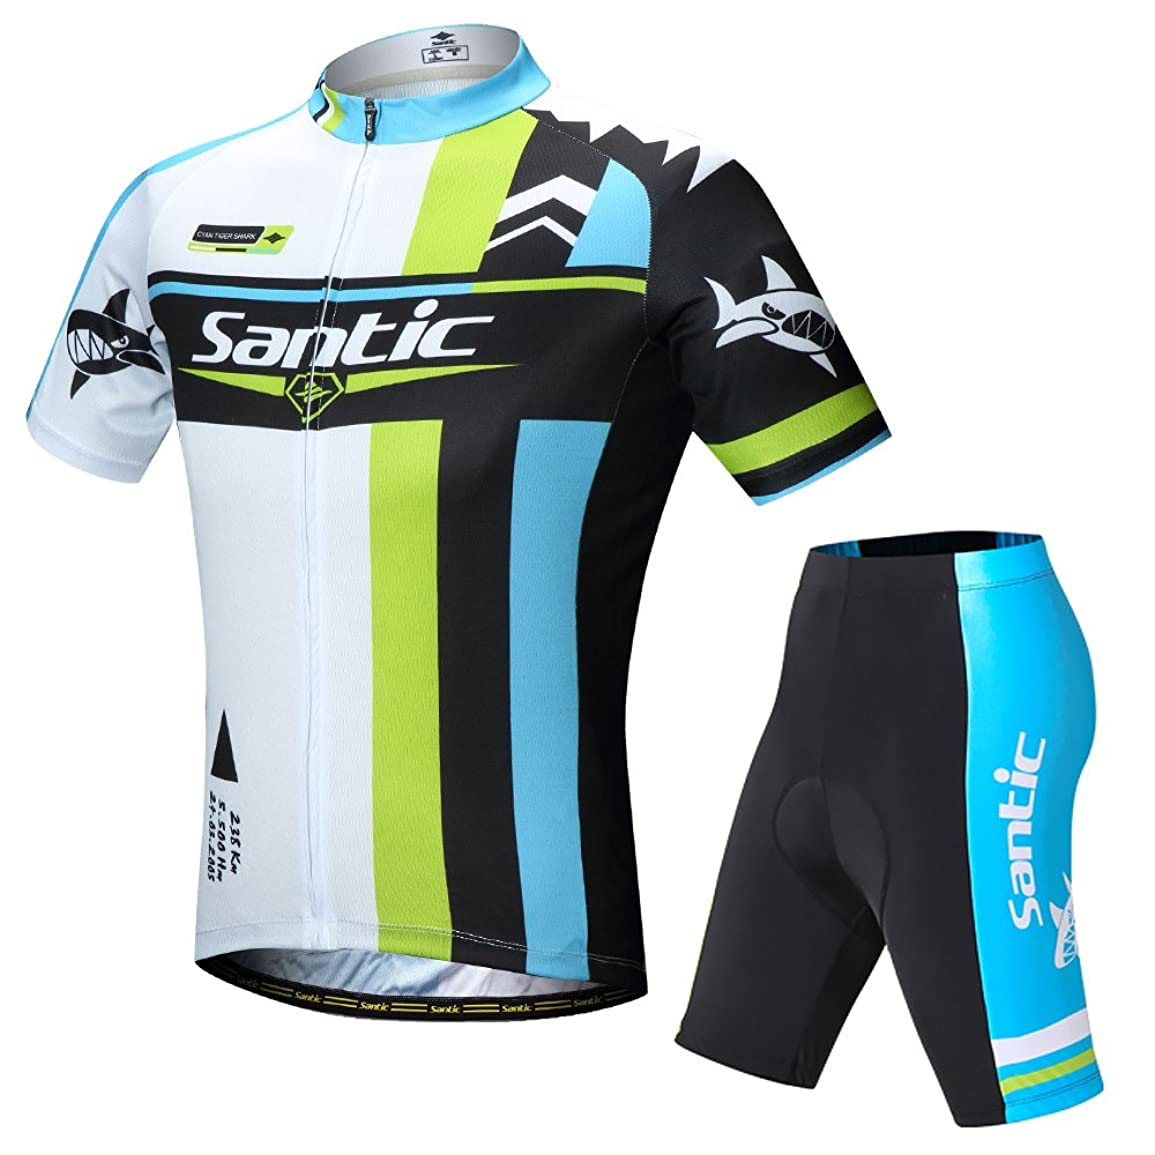 シニス囲い急ぐ【サンティック】Santic メンズ サイクルジャージ 上下セット 半袖 サイクルウェア ビブ選択可 通気性 吸汗速乾